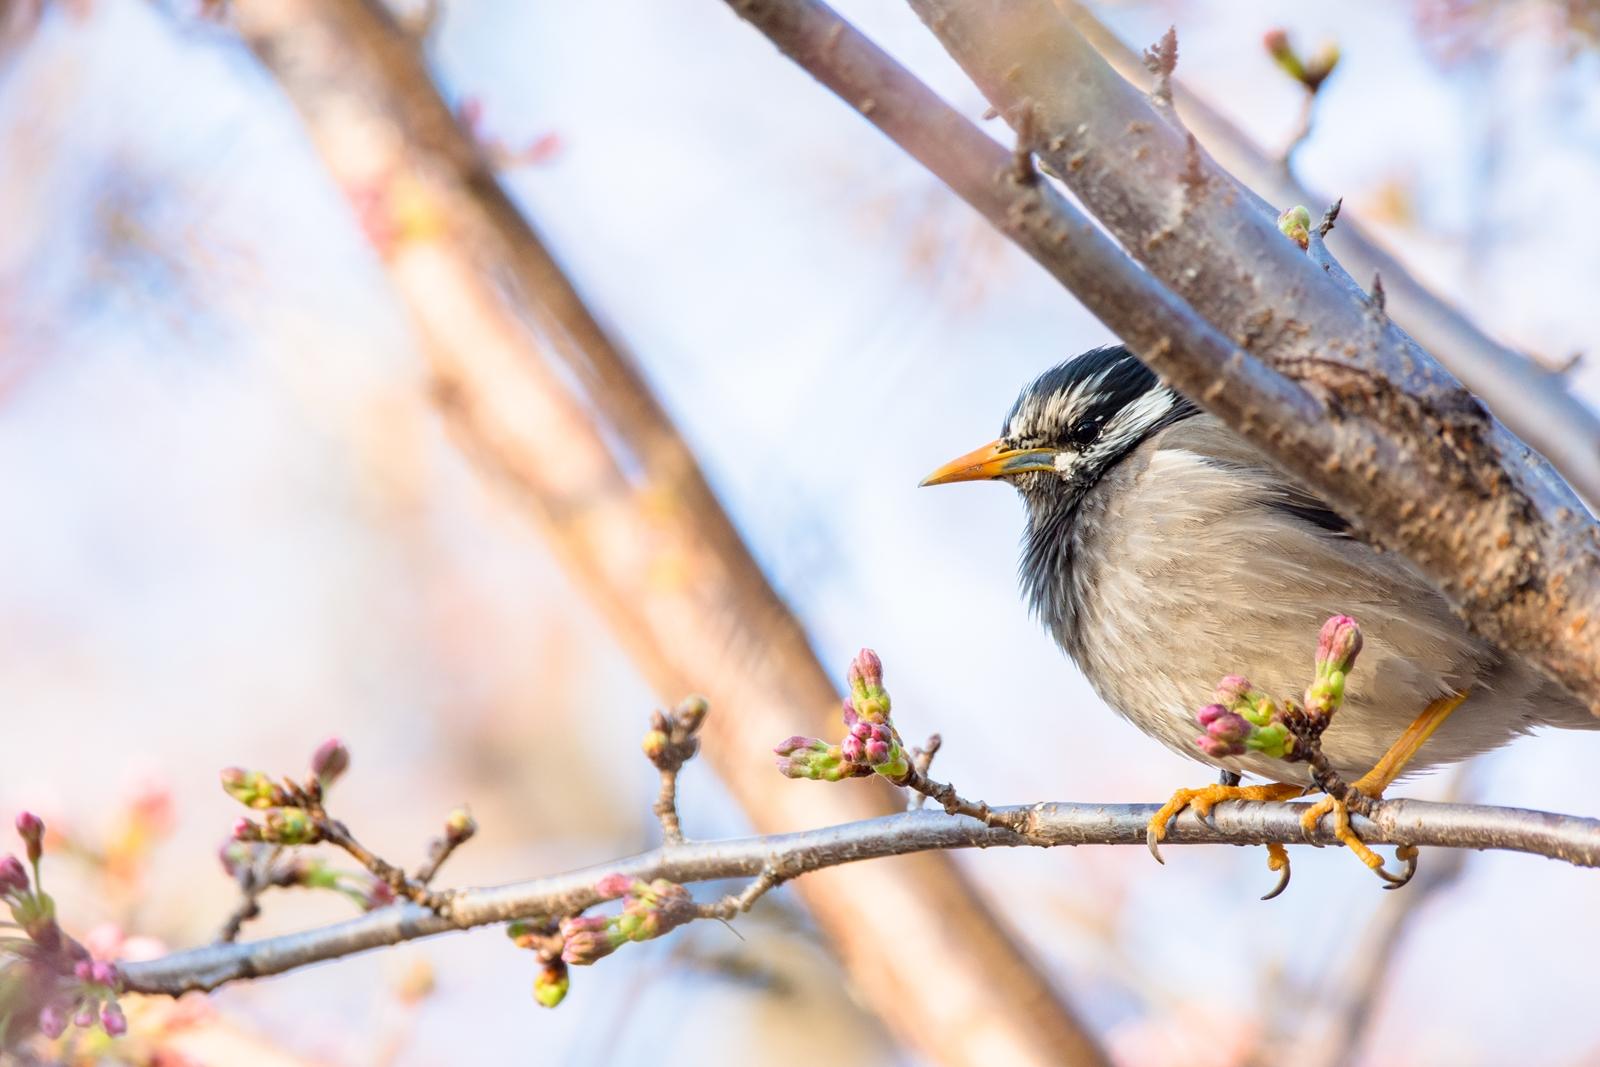 Photo: 「春を見守る」 / Watch over the spring.  そっと見ている 変わっていく春 木々がどんどん賑やかに 慌ただしい季節が やってくるよ  White-cheeked Starling. (ムクドリ)  Nikon D7200 SIGMA 150-600mm F5-6.3 DG OS HSM Contemporary  #birdphotography #birds #kawaii #小鳥 #nikon #sigma #小鳥グラファー  ( http://takafumiooshio.com/archives/2312 )